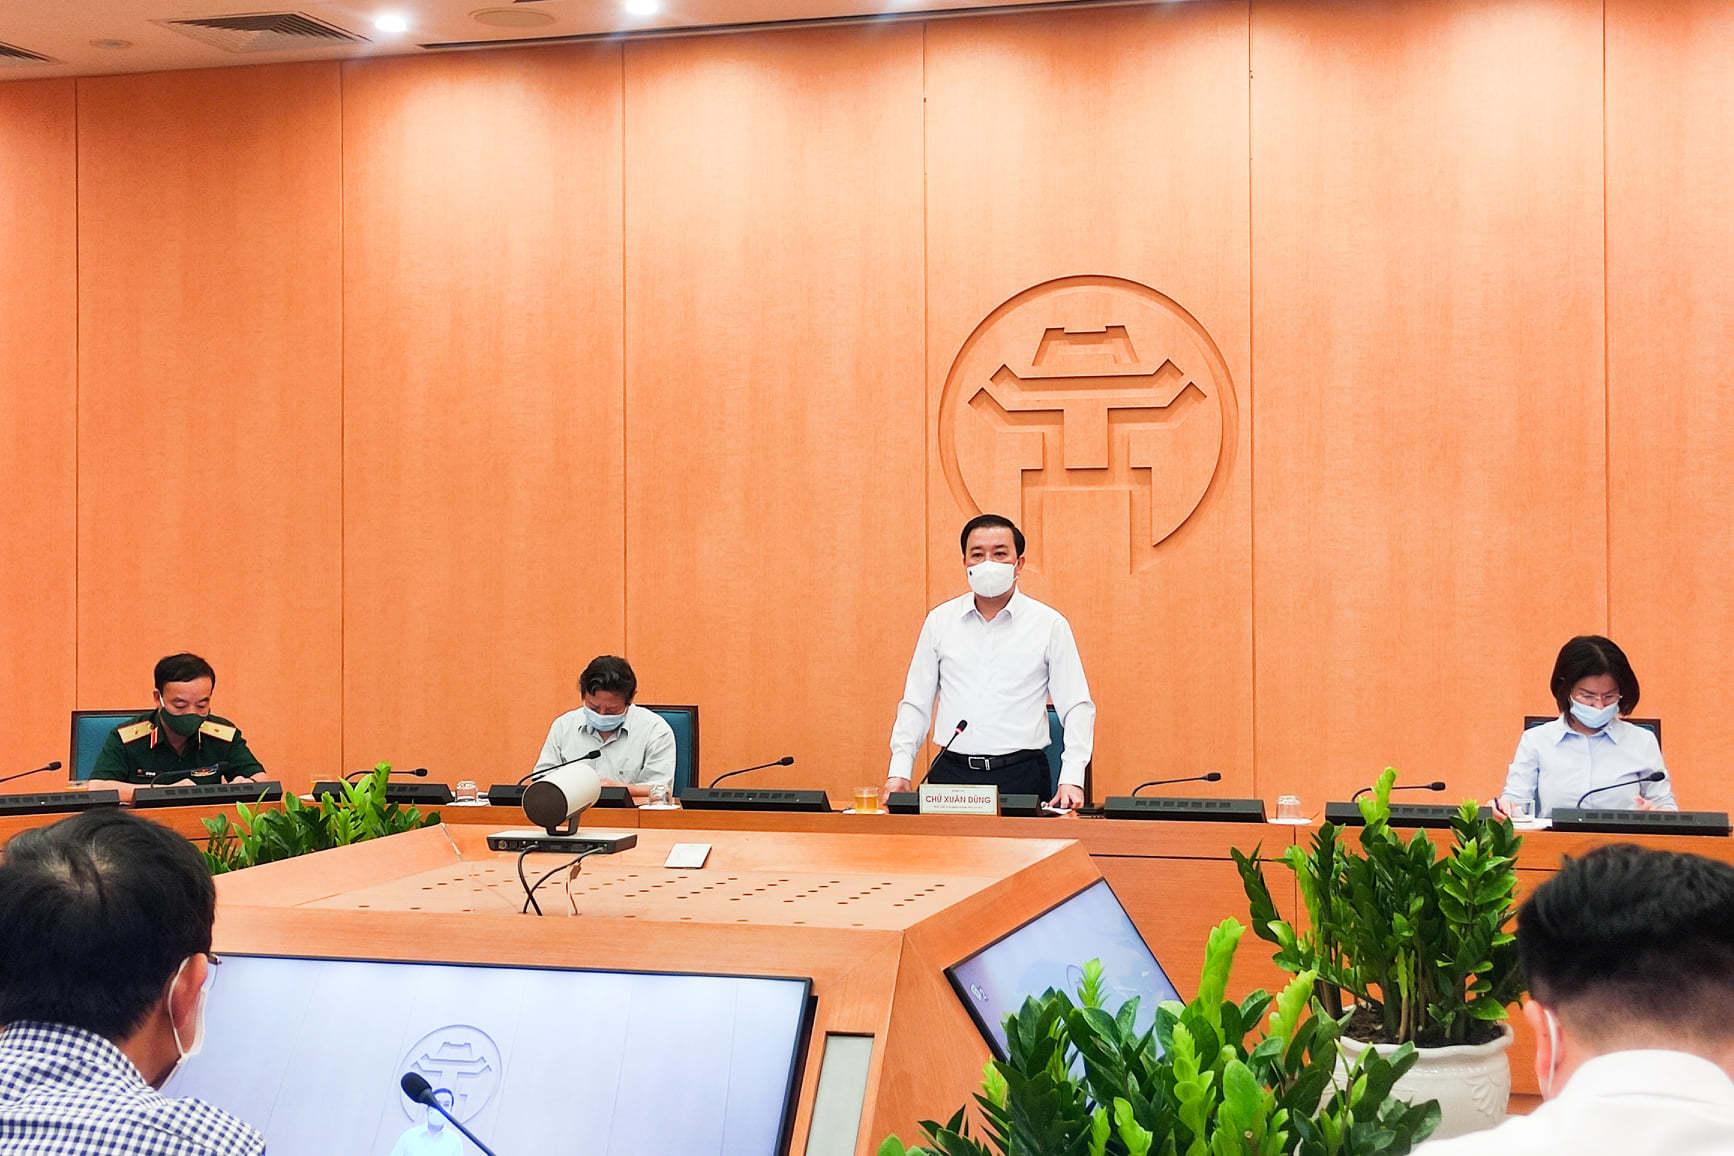 Phó Chủ tịch Hà Nội: Nếu bệnh viện 'thủng' một lần nữa thì sẽ rất khó khăn